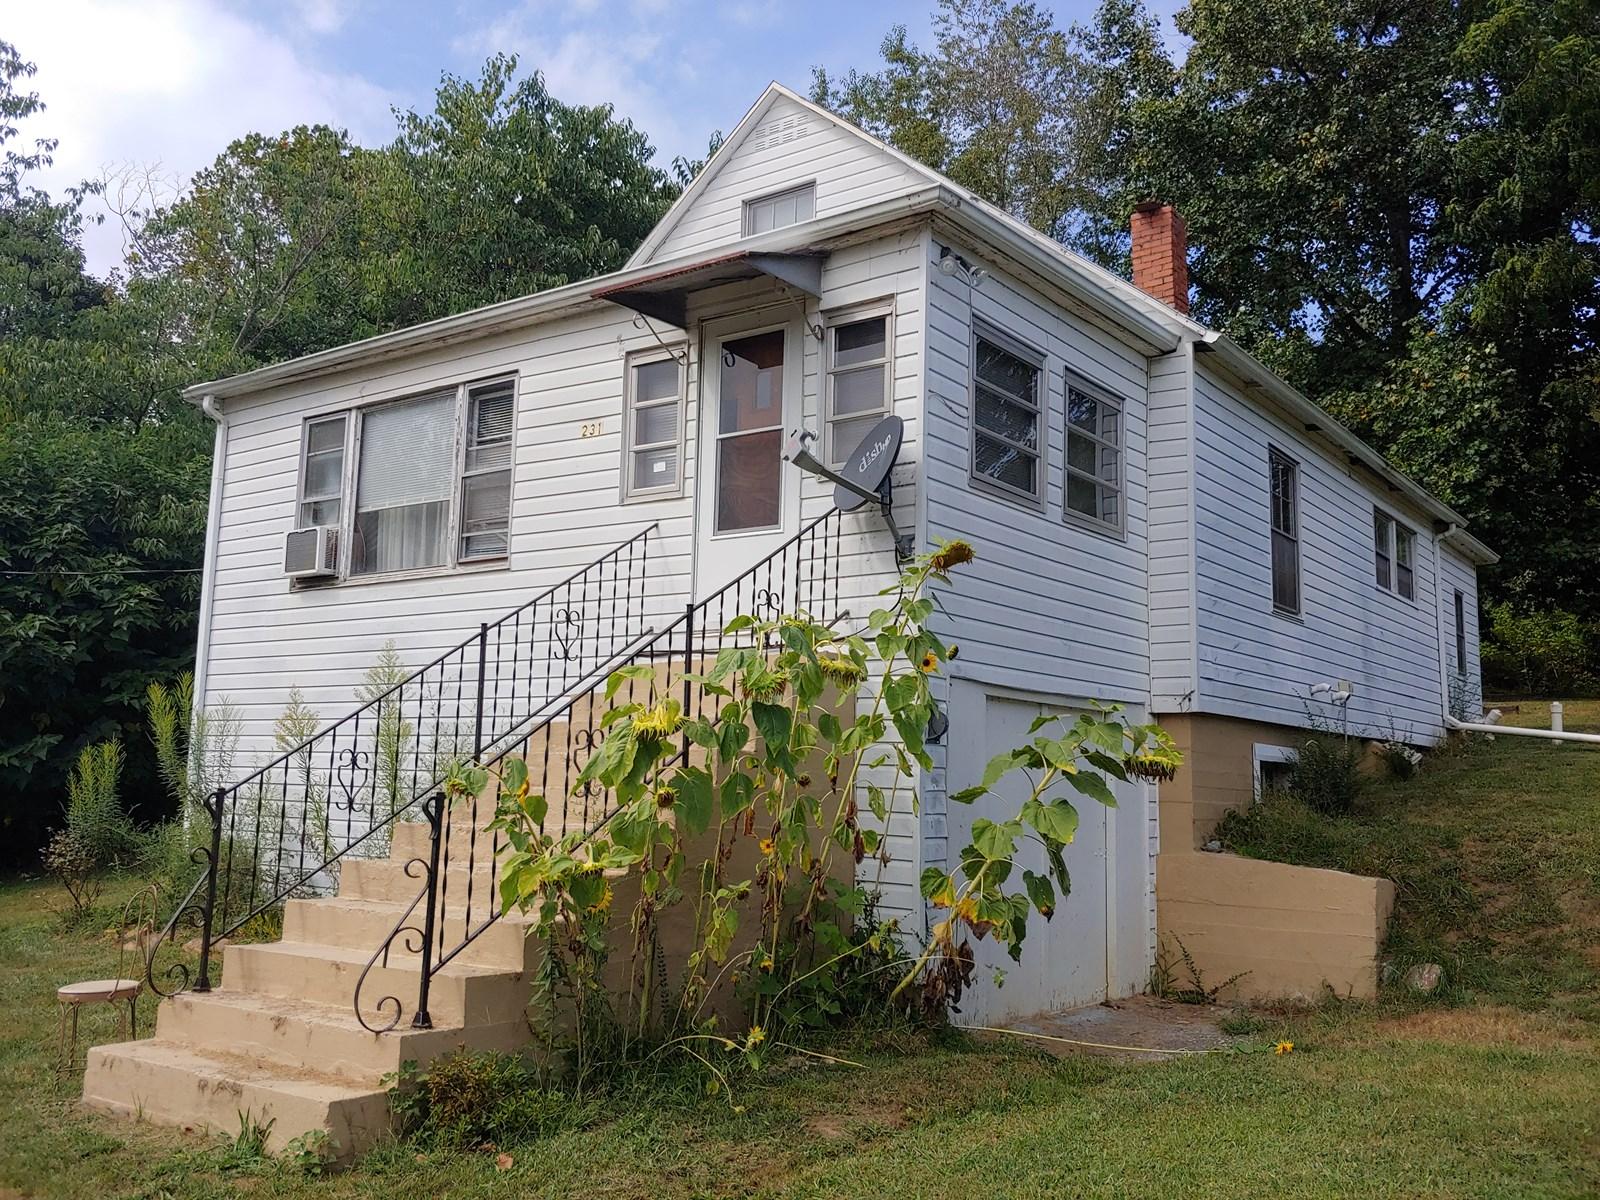 Cape Cod Style Home for Sale in Staffordsville, VA